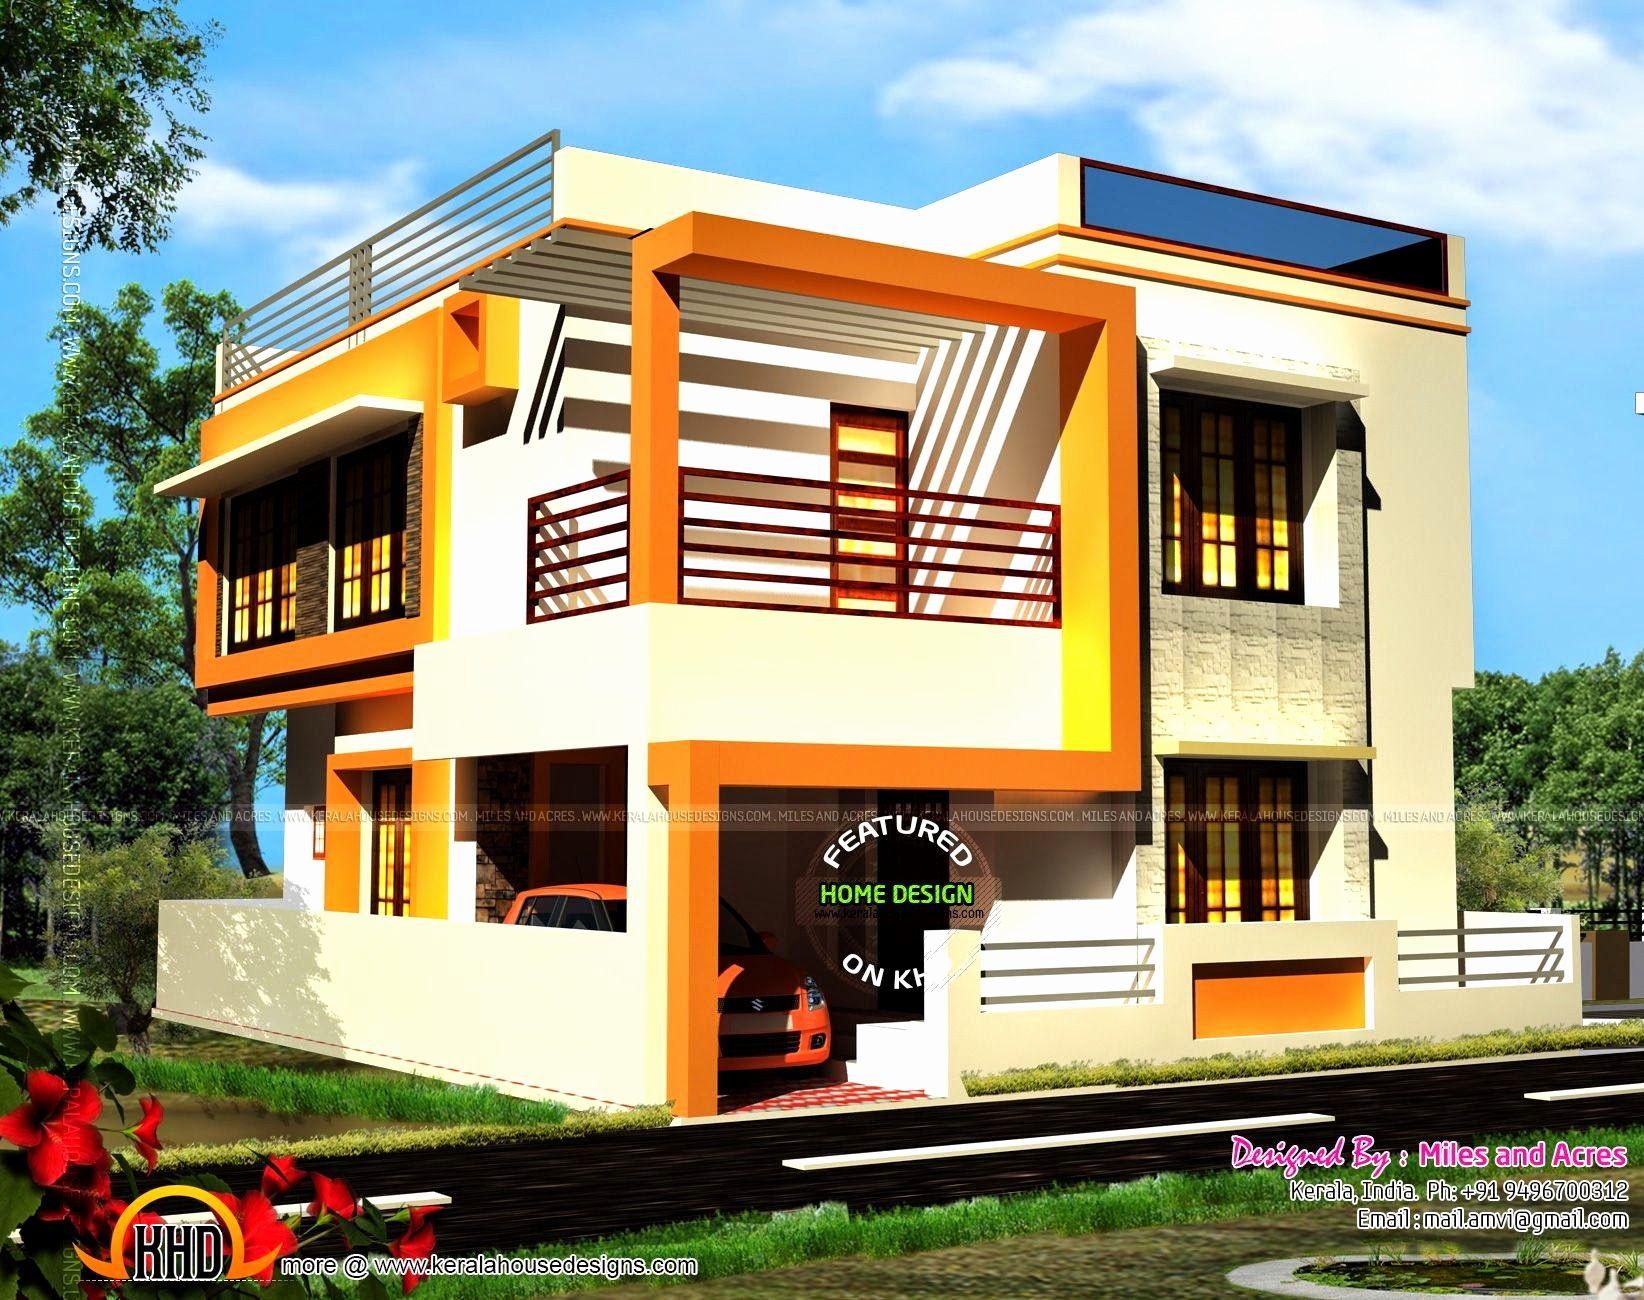 Design Exterior Of House App